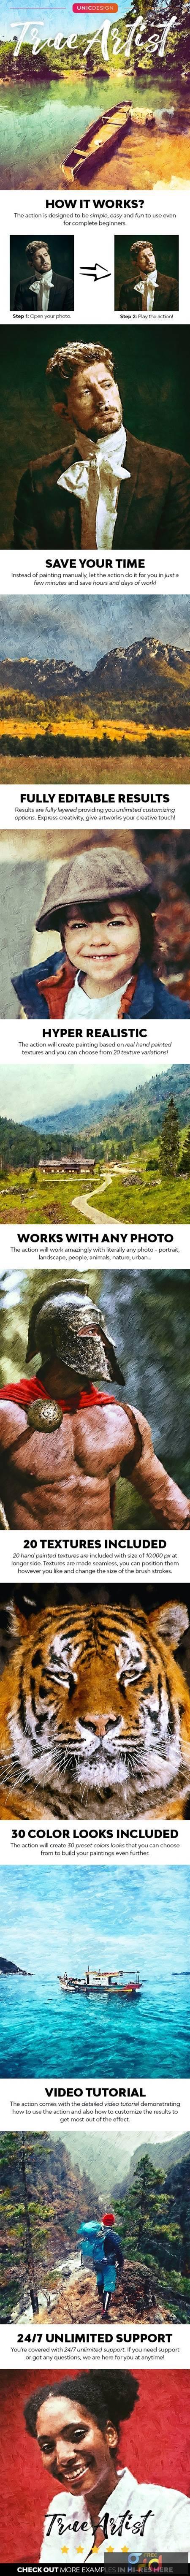 True Artist Photoshop Action 28413190 1